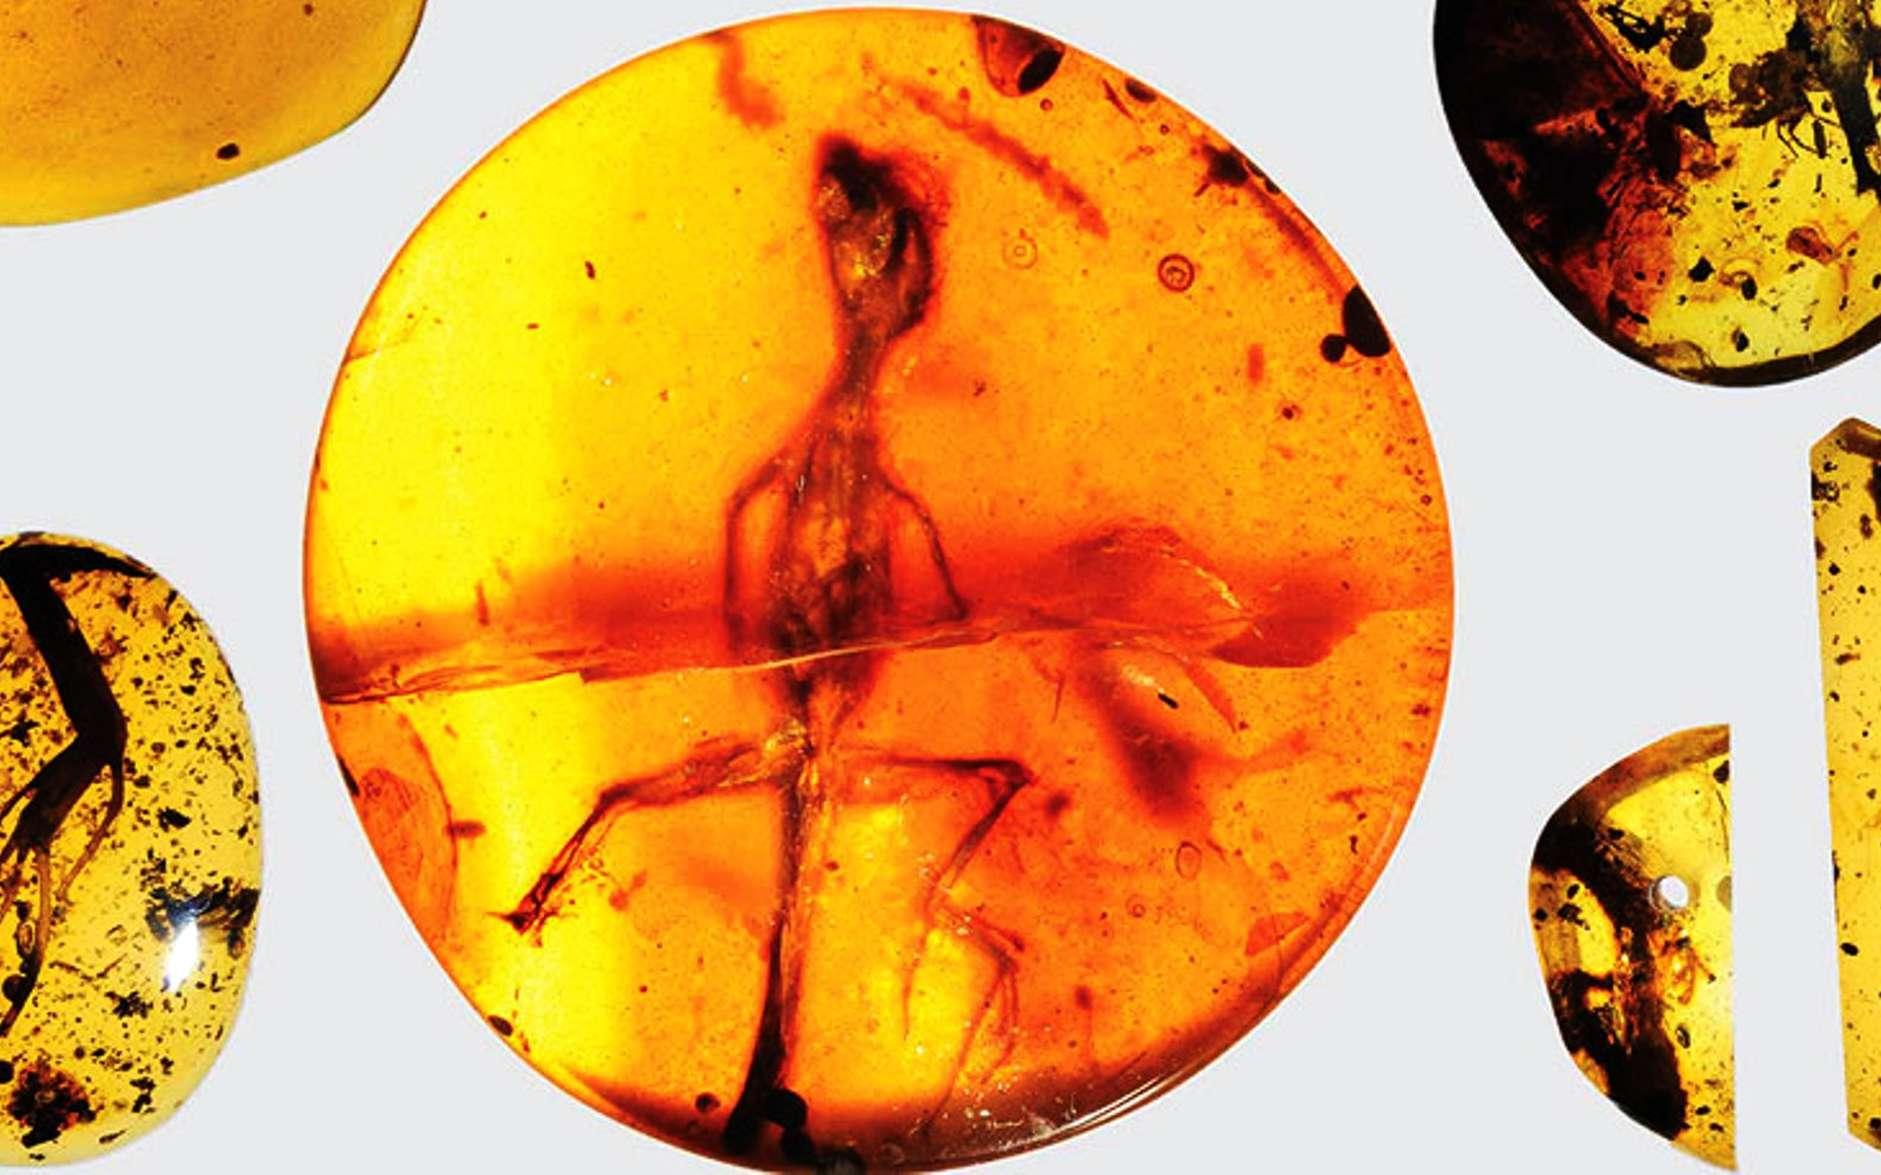 De l'ambre fossile retrouvé en Birmanie il y a des décennies contenait un véritable trésor paléontologique, des restes fossilisés en excellent état de plusieurs petits lézards vieux de presque 100 millions d'années. © Kristen Grace, Florida Museum of Natural History